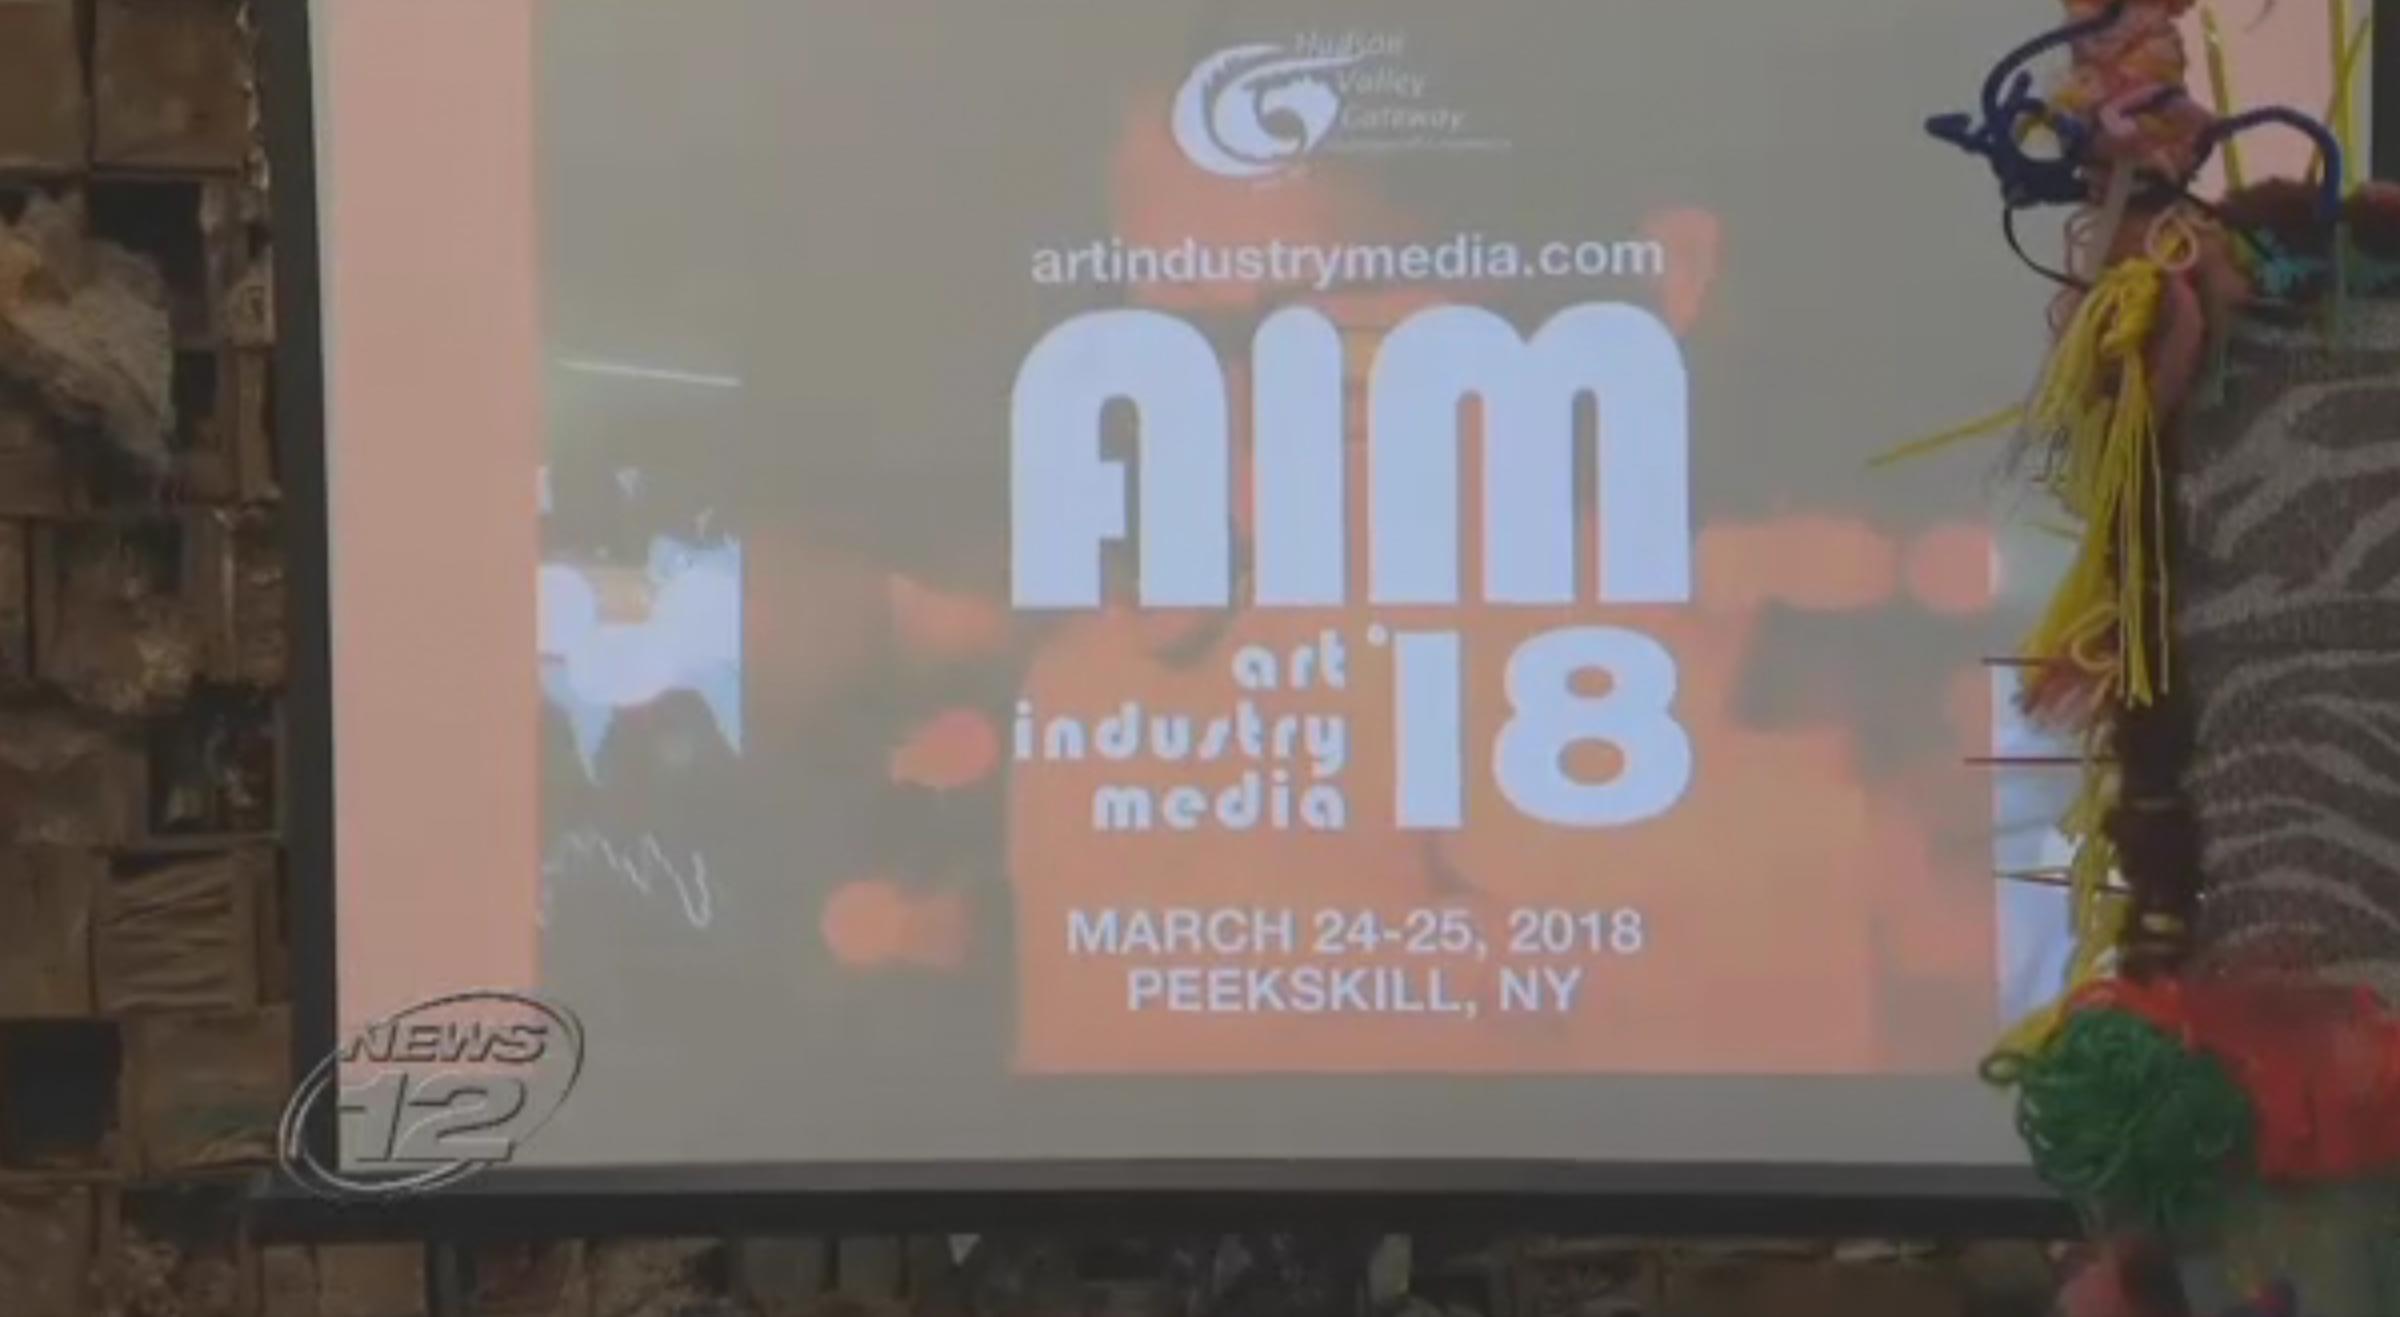 Peekskill 'AIMs' to be Major Media Hub